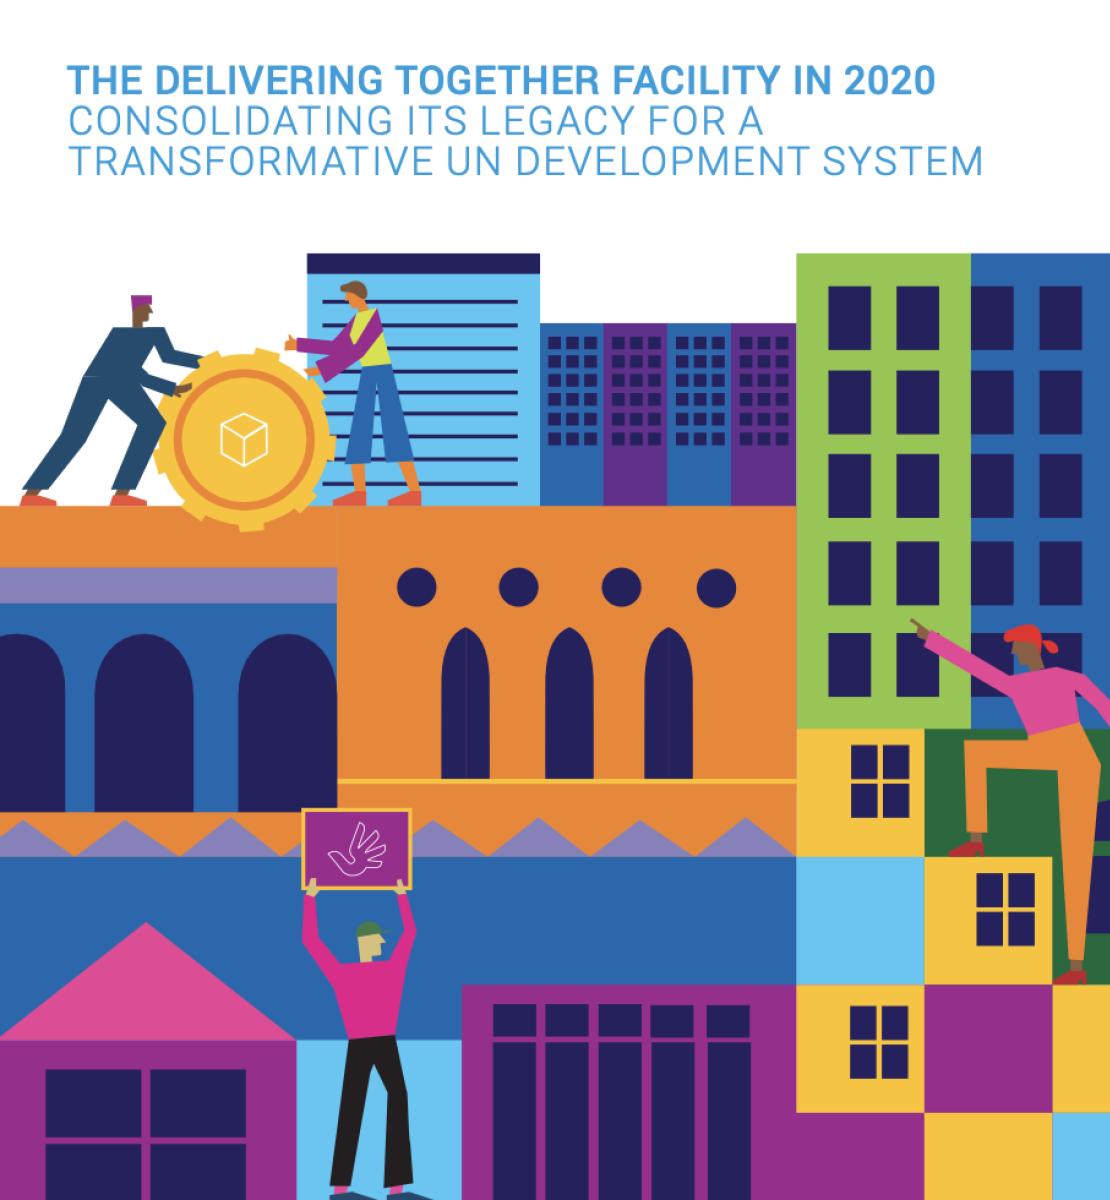 Couverture illustrée d'un rapport montrant plusieurs personnages travaillant ensemble devant des immeubles de différentes hauteurs. Le logo du GNUDD figure dans le coin supérieur droit et le titre du document dans le coin supérieur gauche.